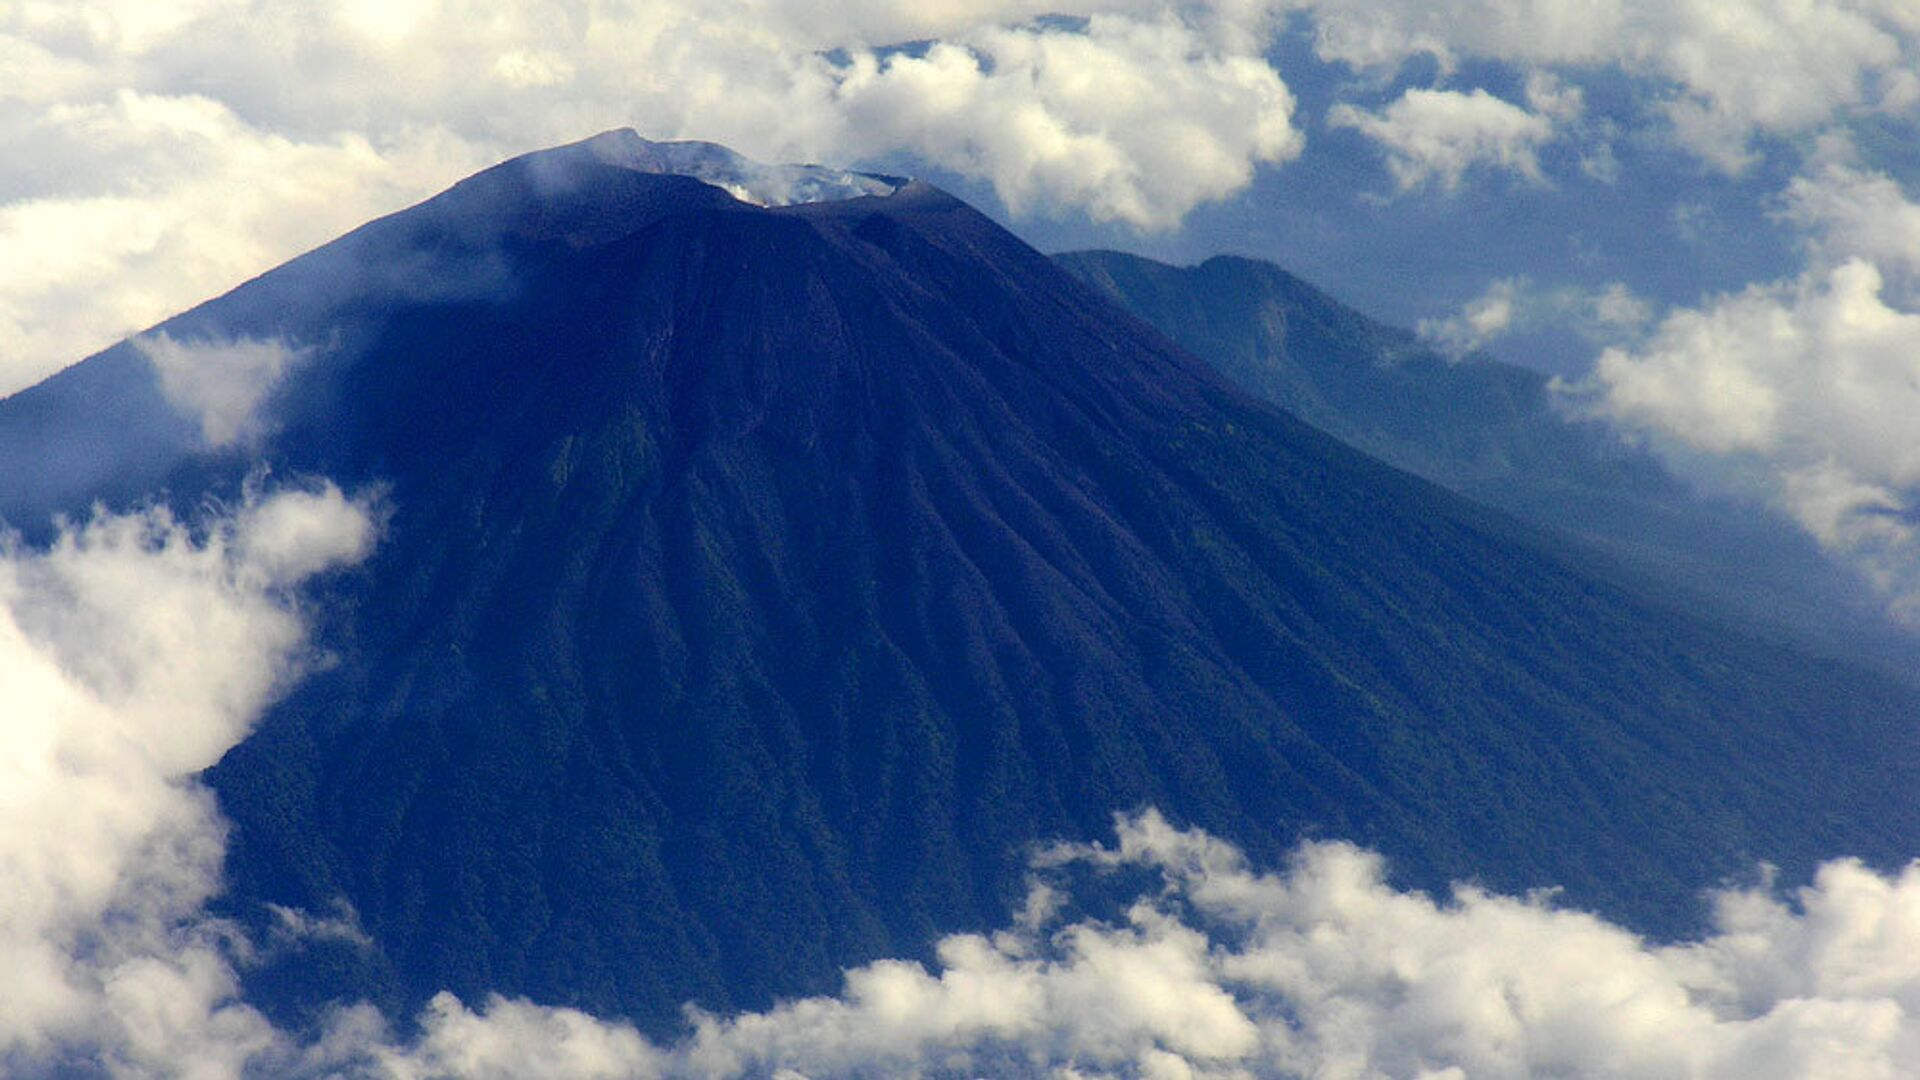 Вид на вулкан Мерапи с самолета - РИА Новости, 1920, 09.08.2021